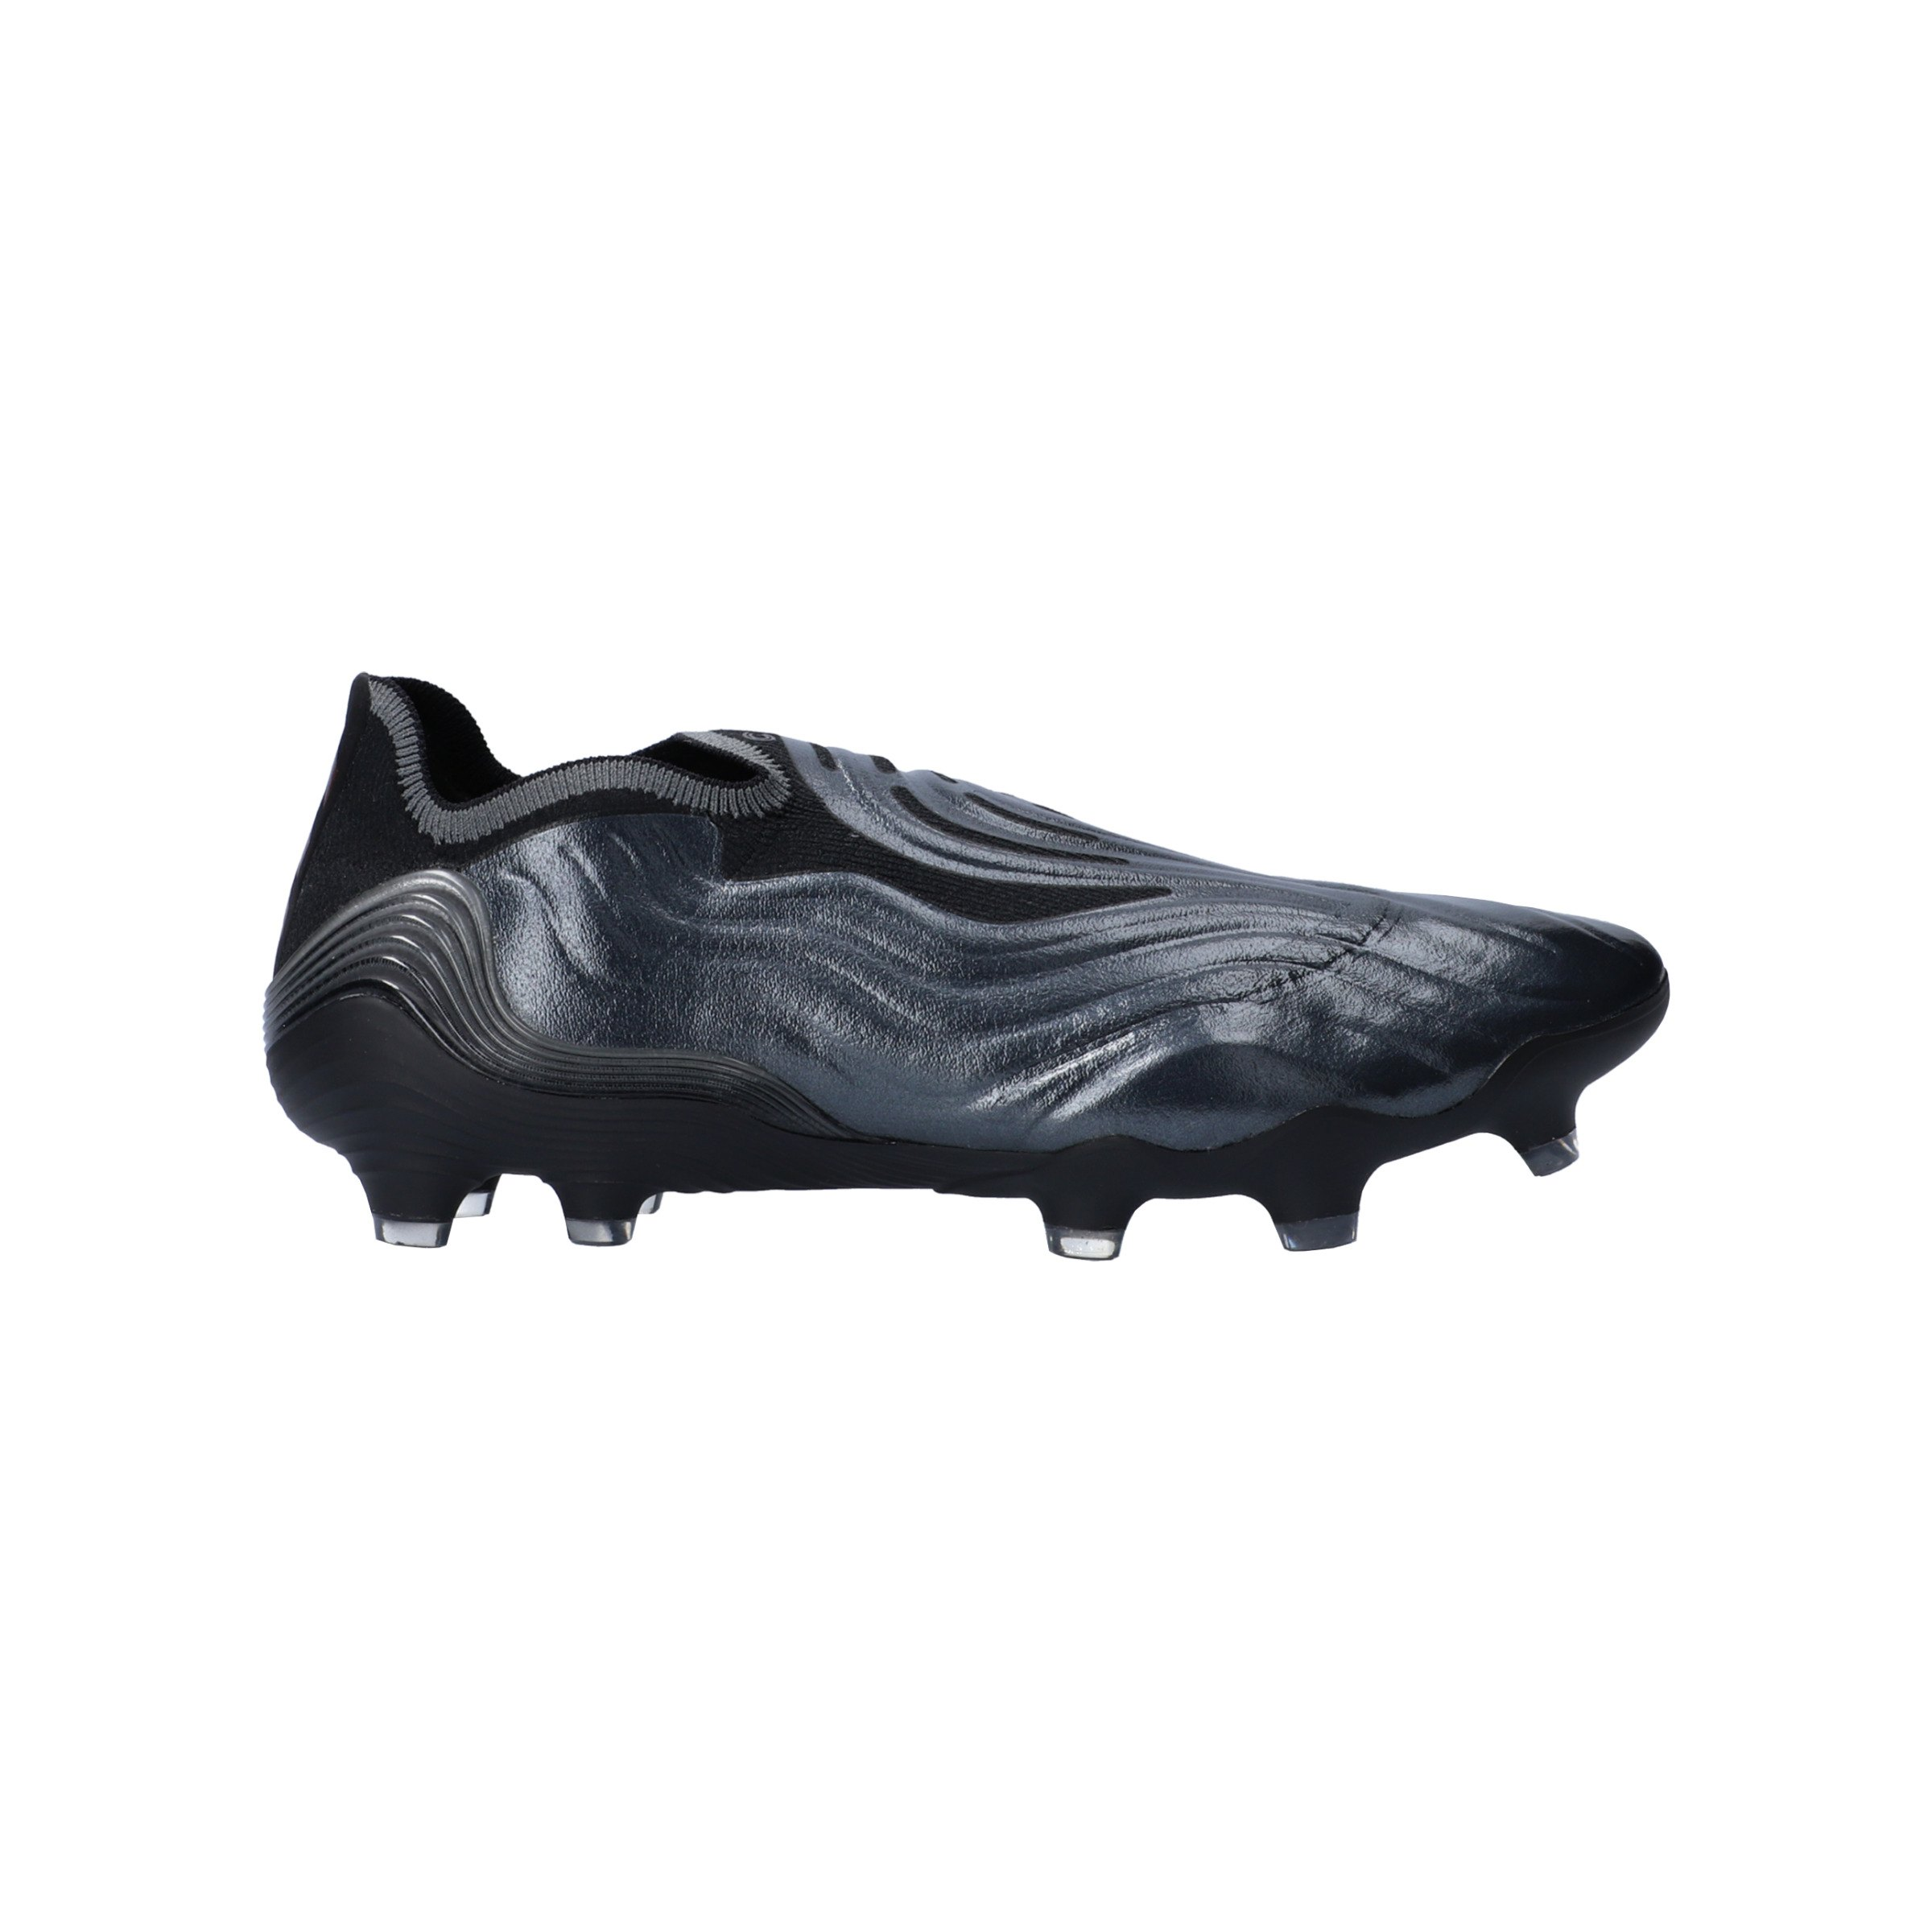 adidas COPA SENSE FG Schwarz Grau - schwarz